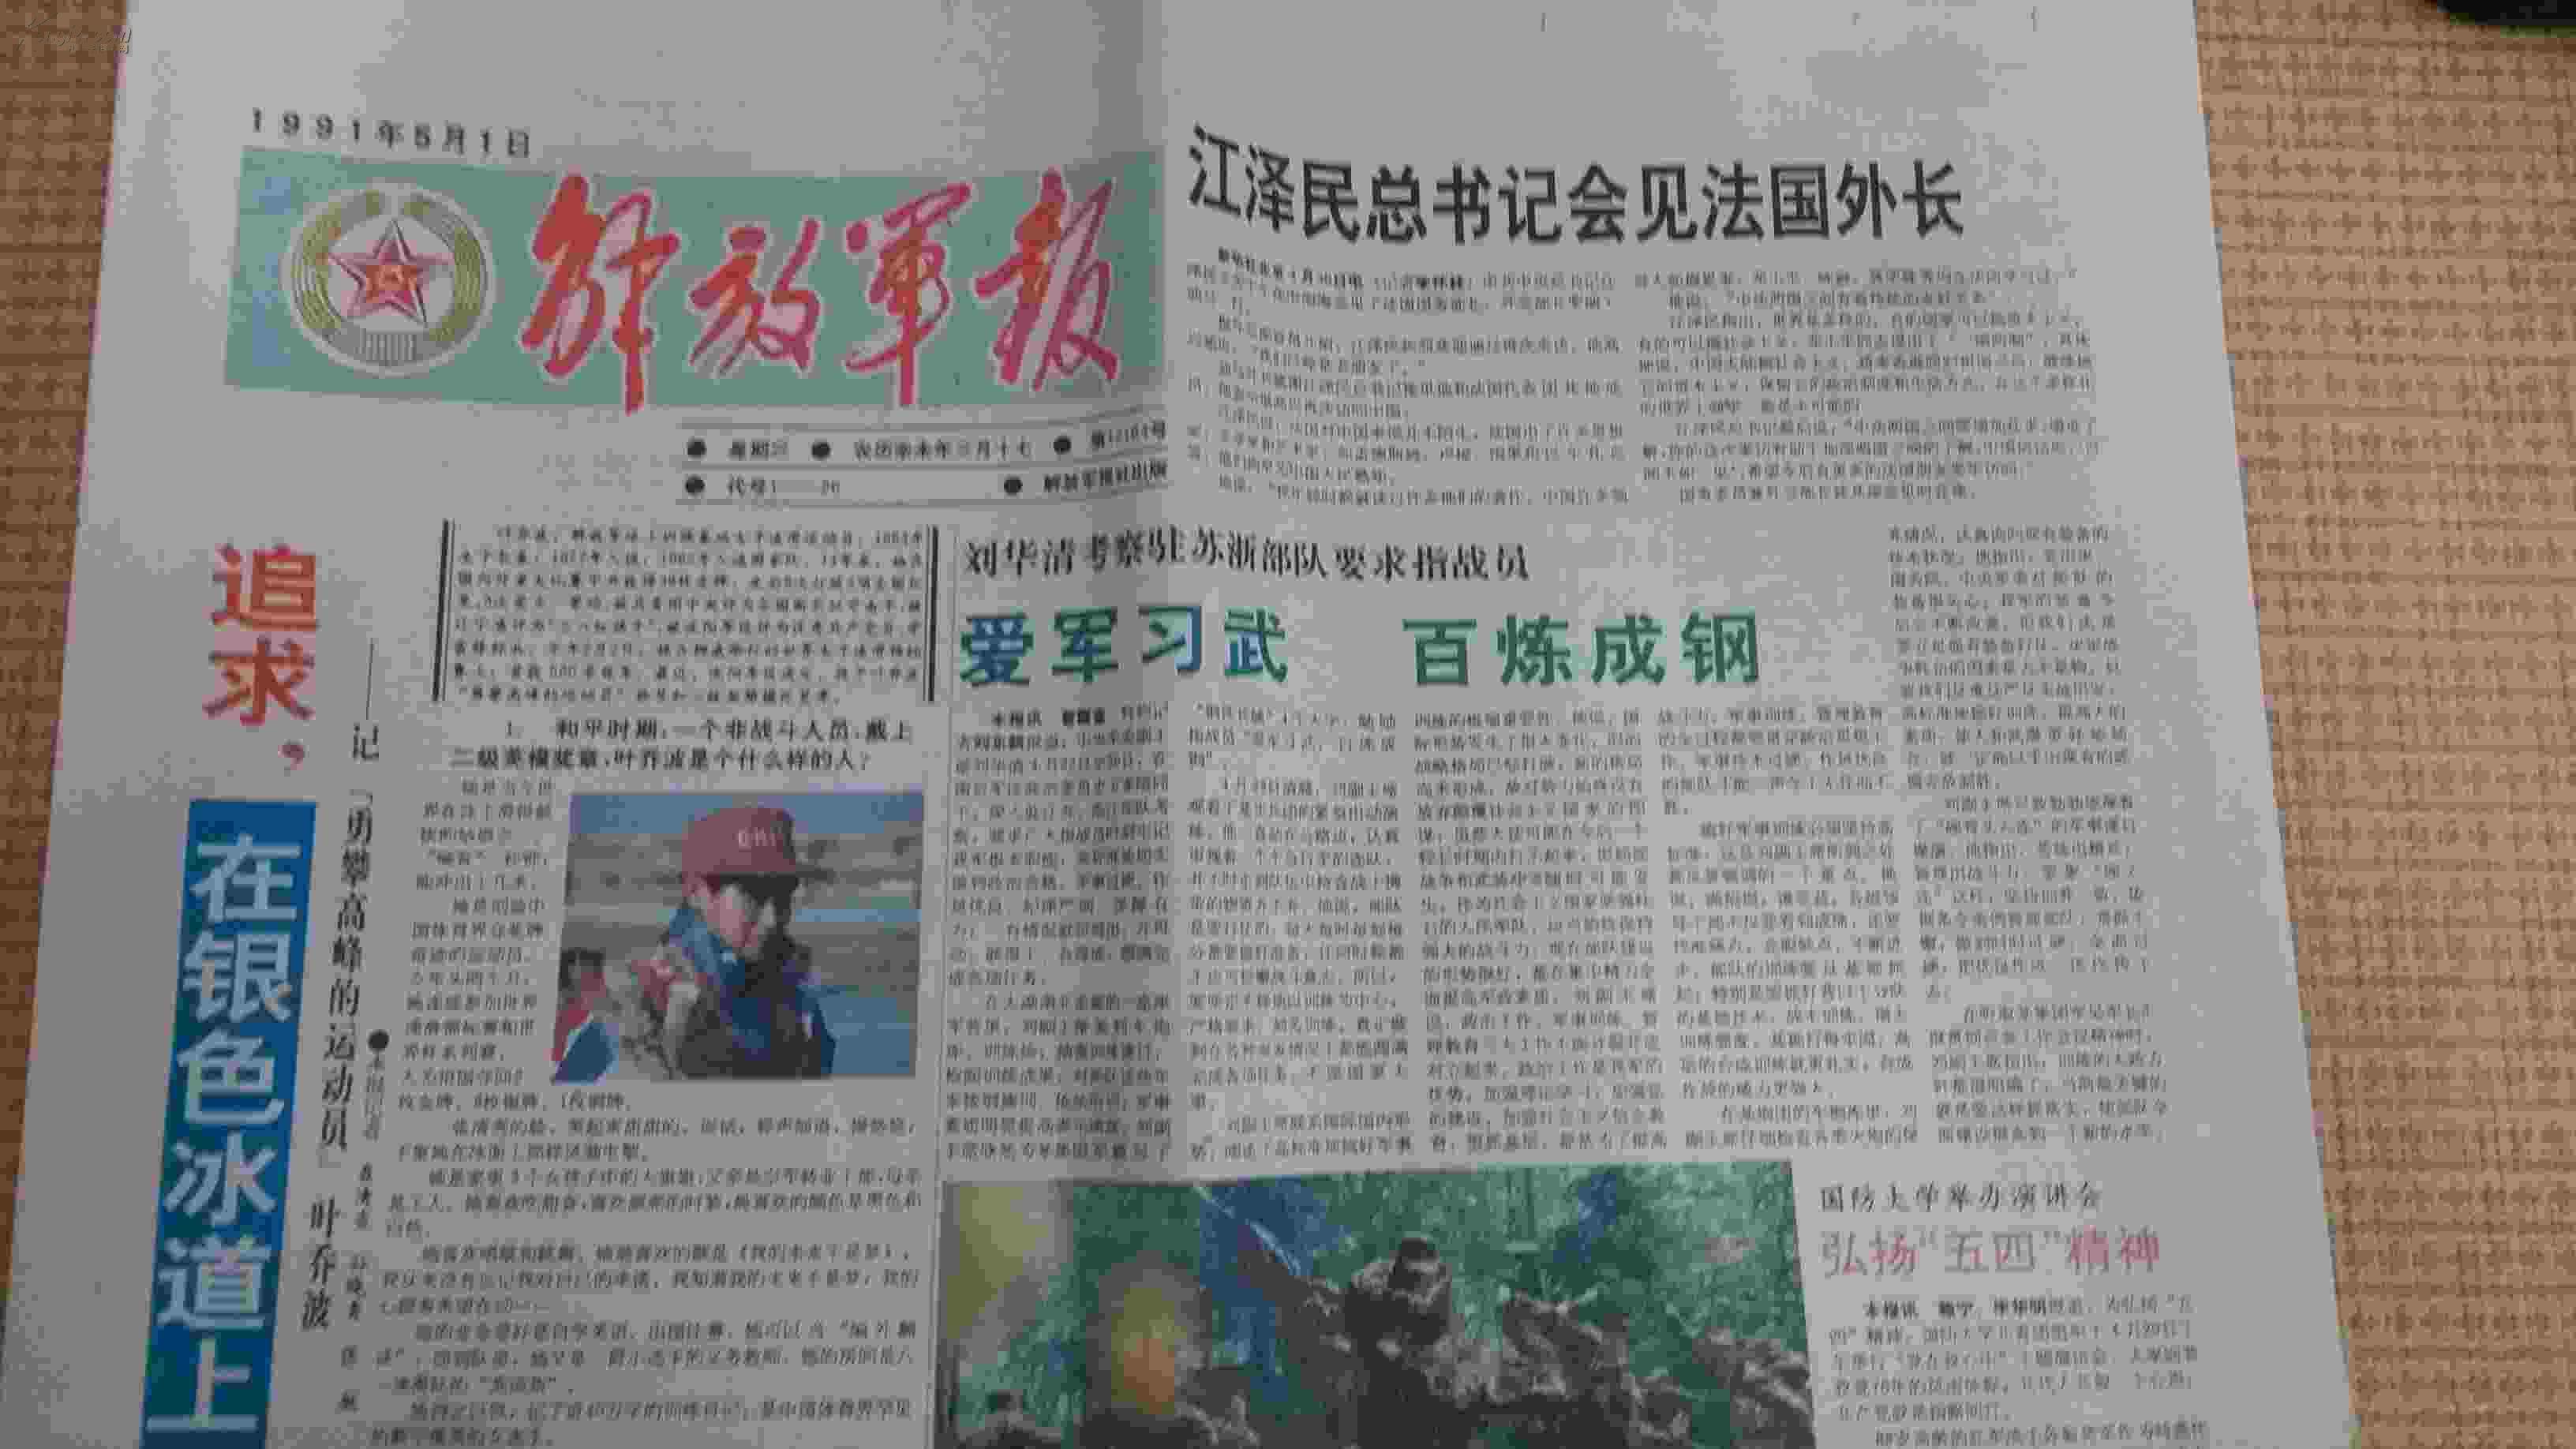 解放军报(1991年5月1日)